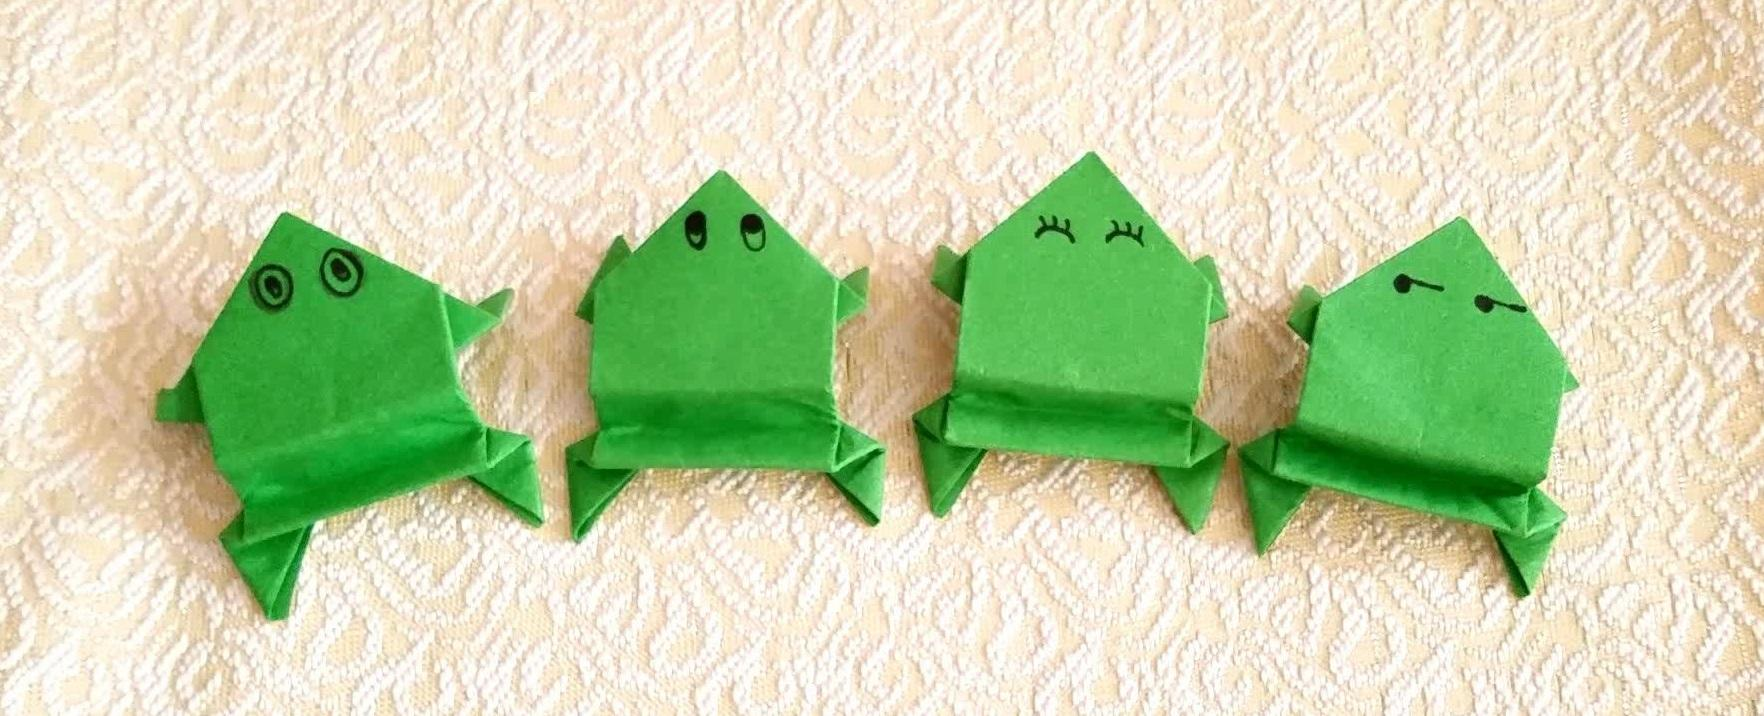 如何提高孩子動手能力?學會摺紙青蛙竟然這麼神奇